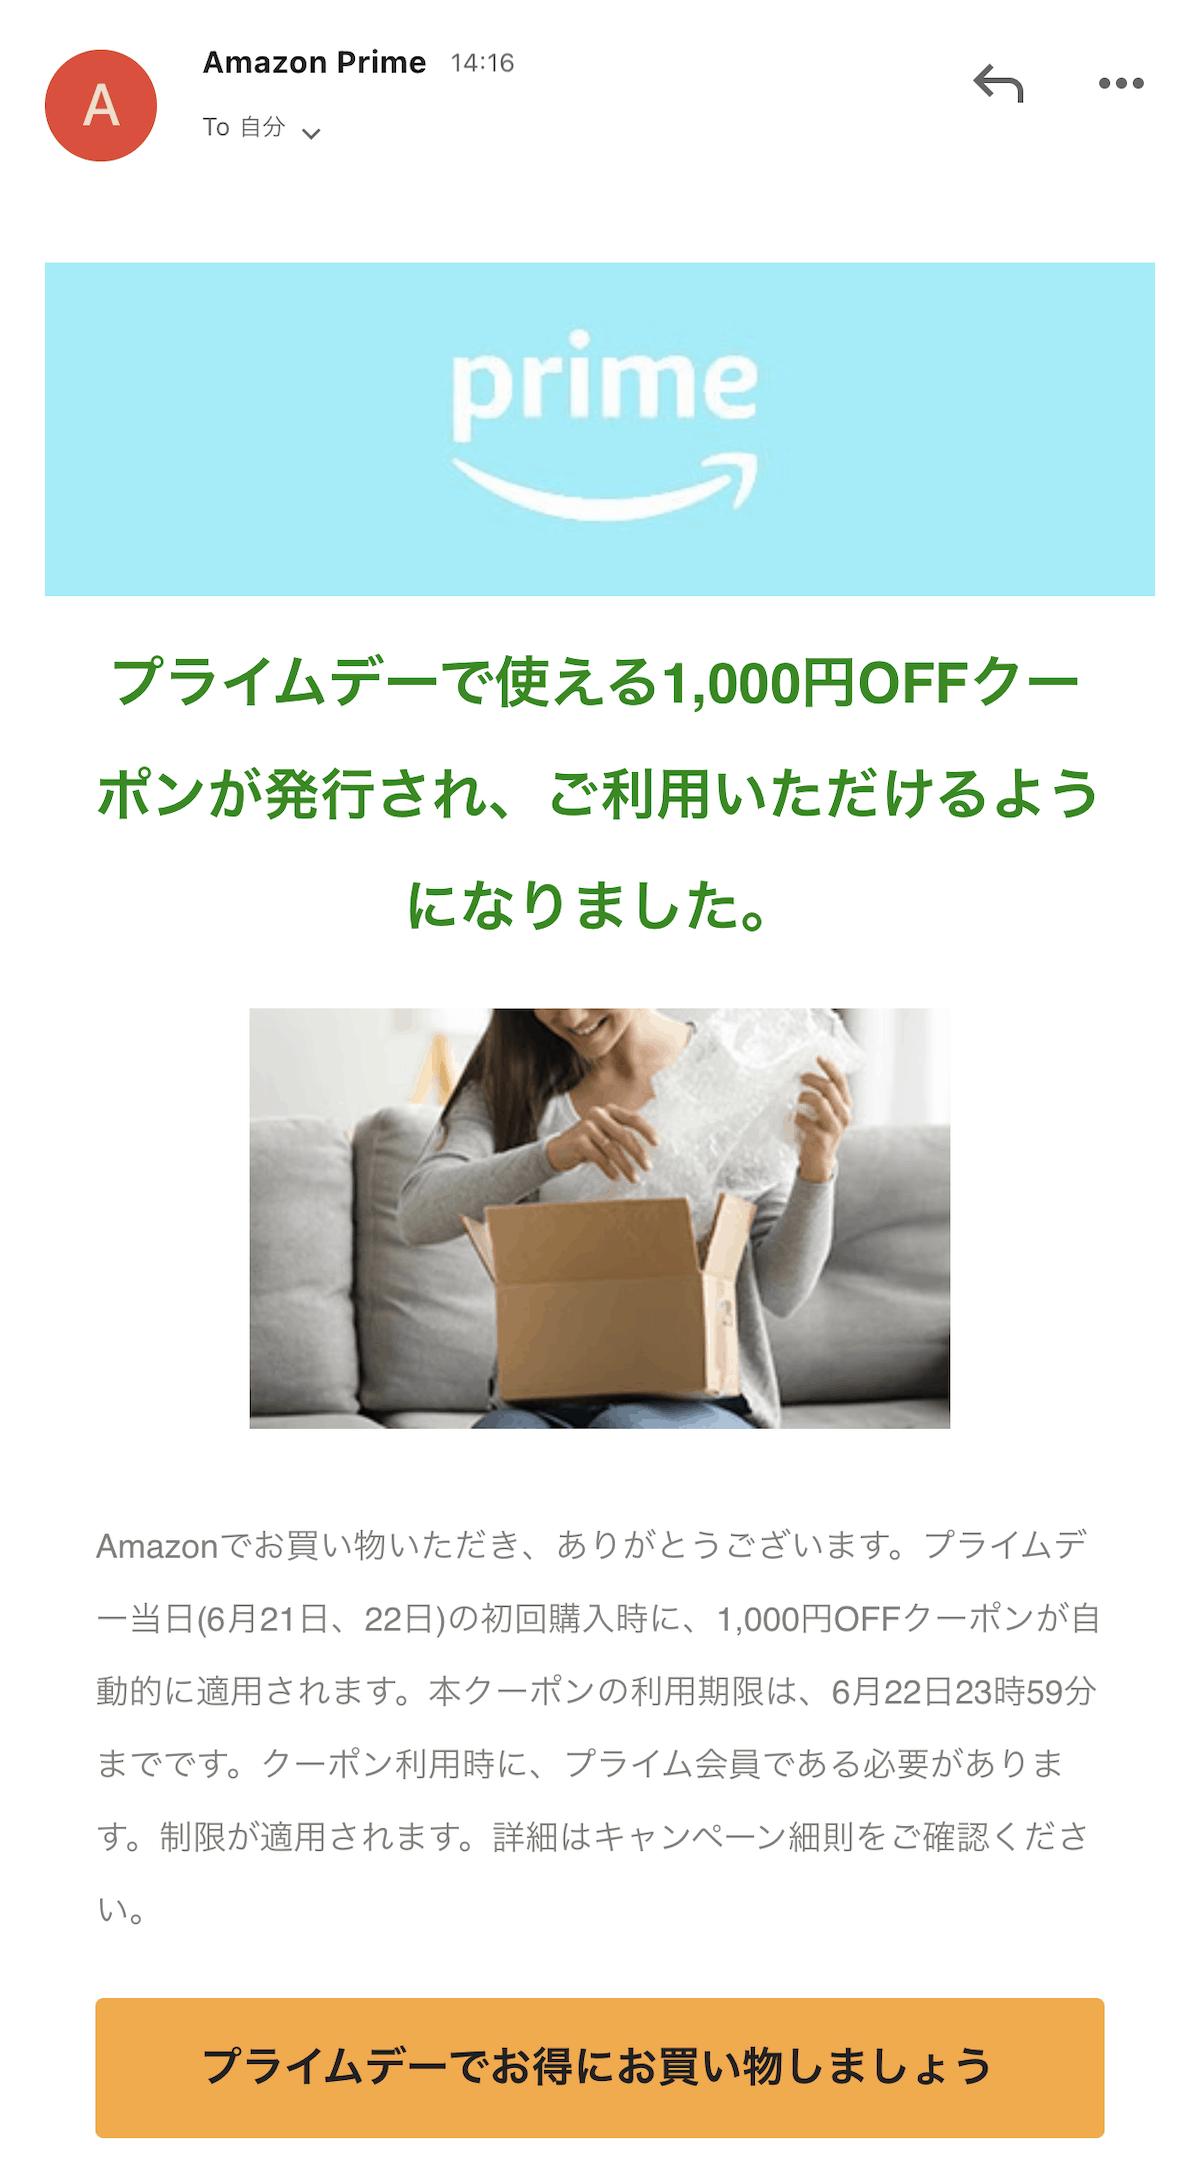 Amazonプライムデー1000円offクーポン適用直後のスクリーンショット